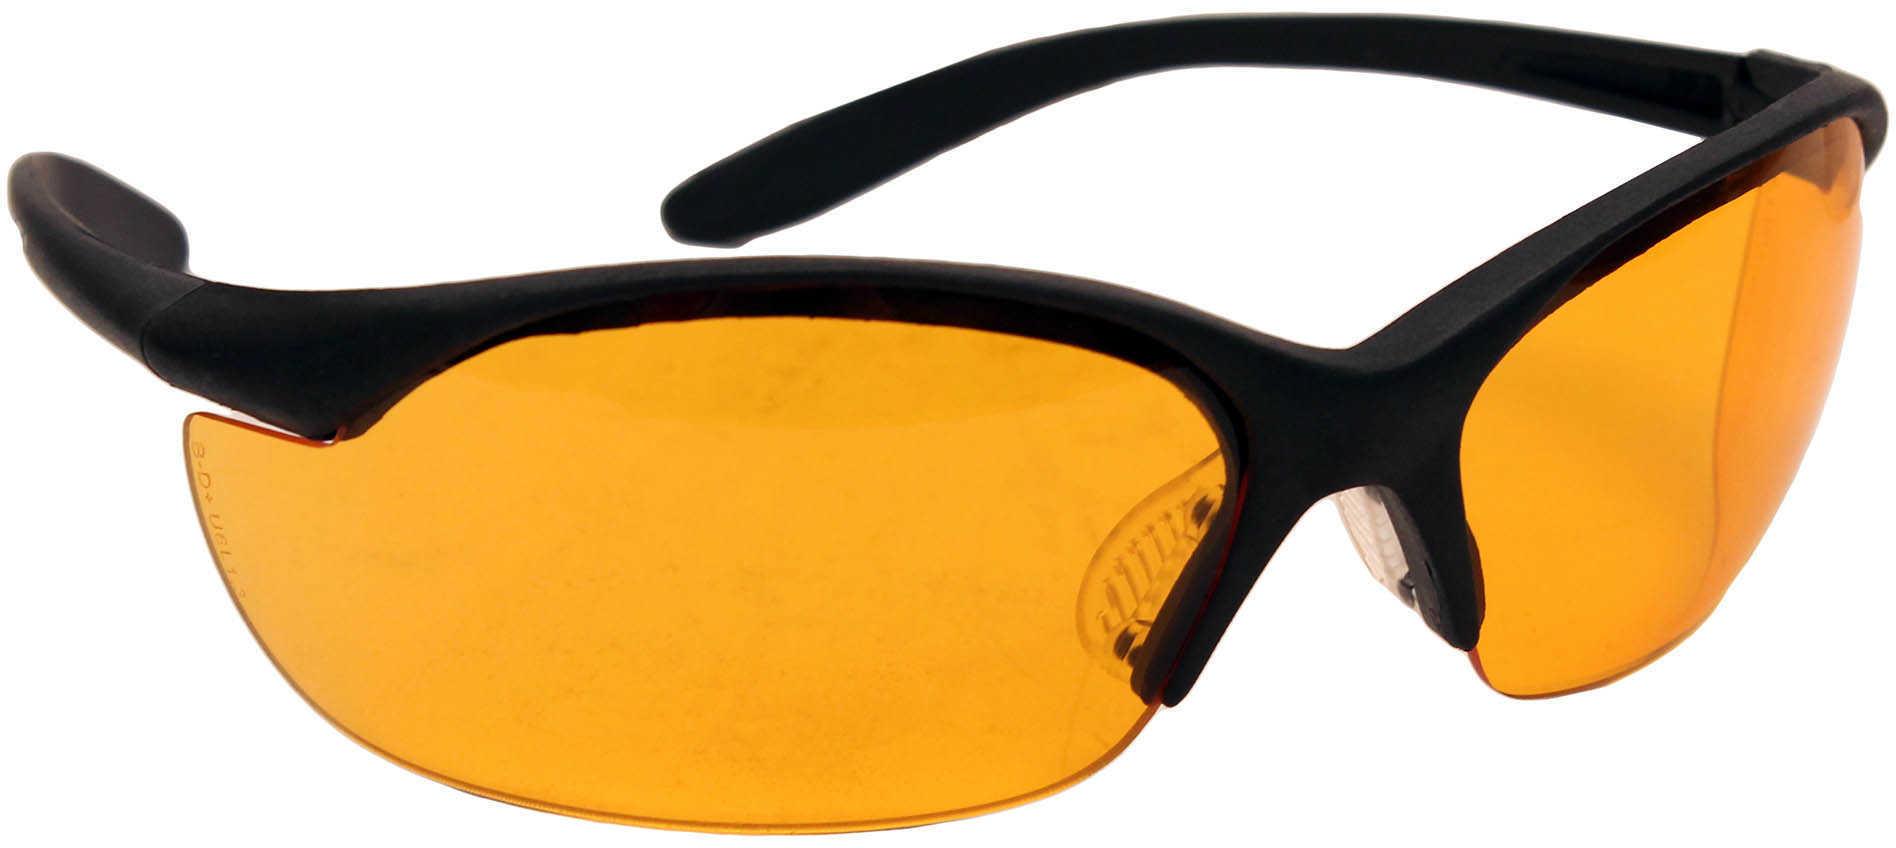 Howard Leight Industries Howard Vapor II Glasses Black Frame Orange 10 R01537